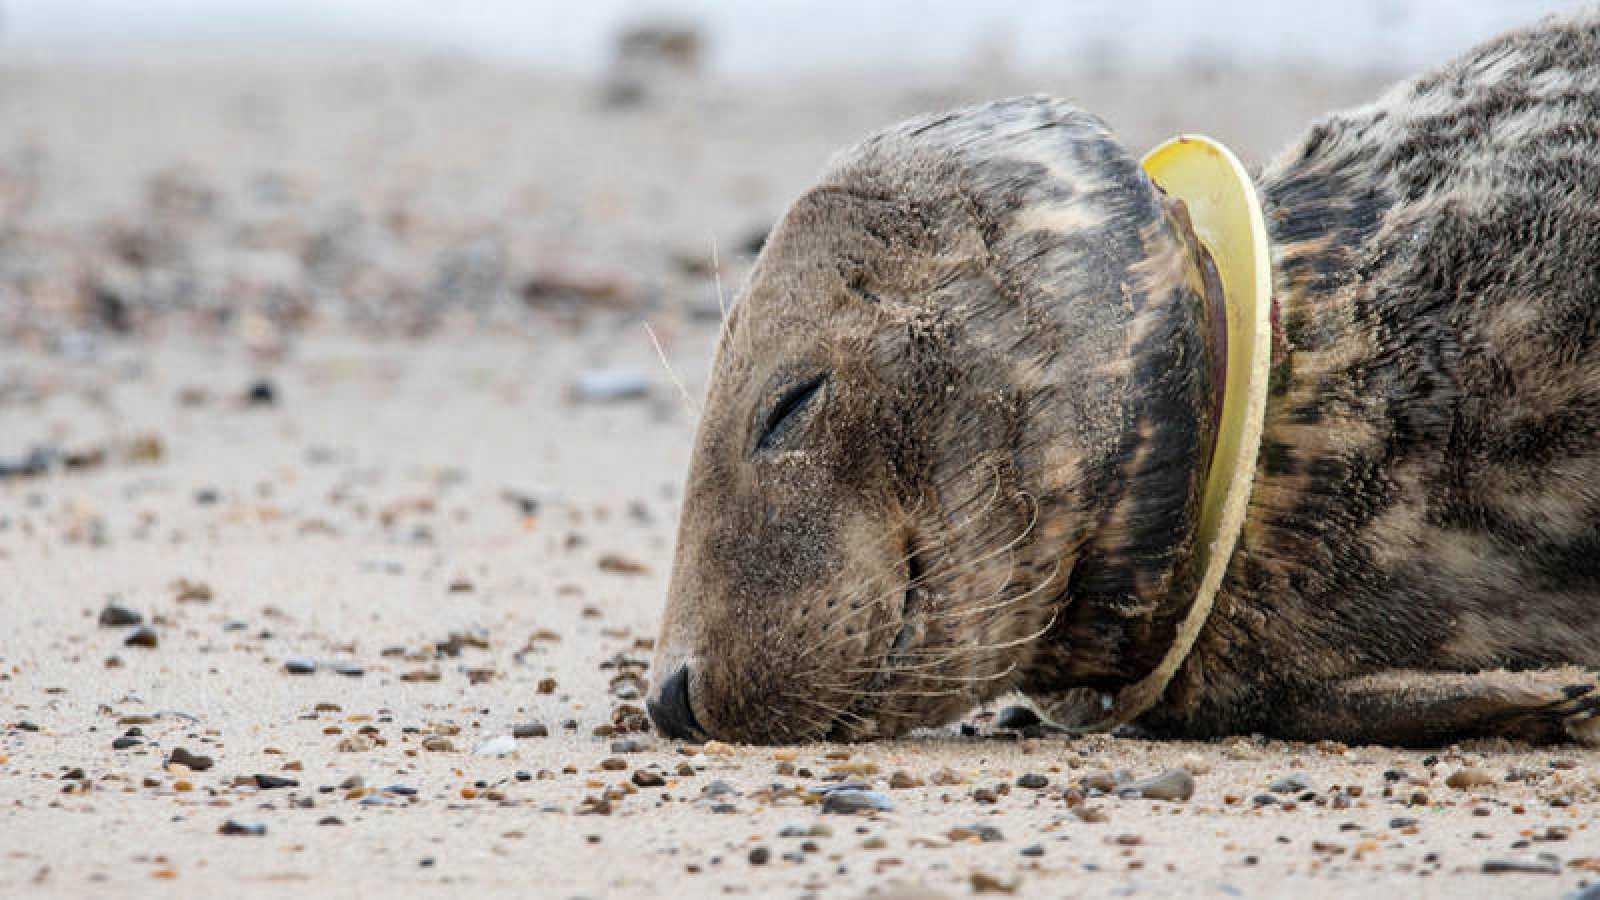 Ecosistemas marino: La invasión de plásticos | RTVE